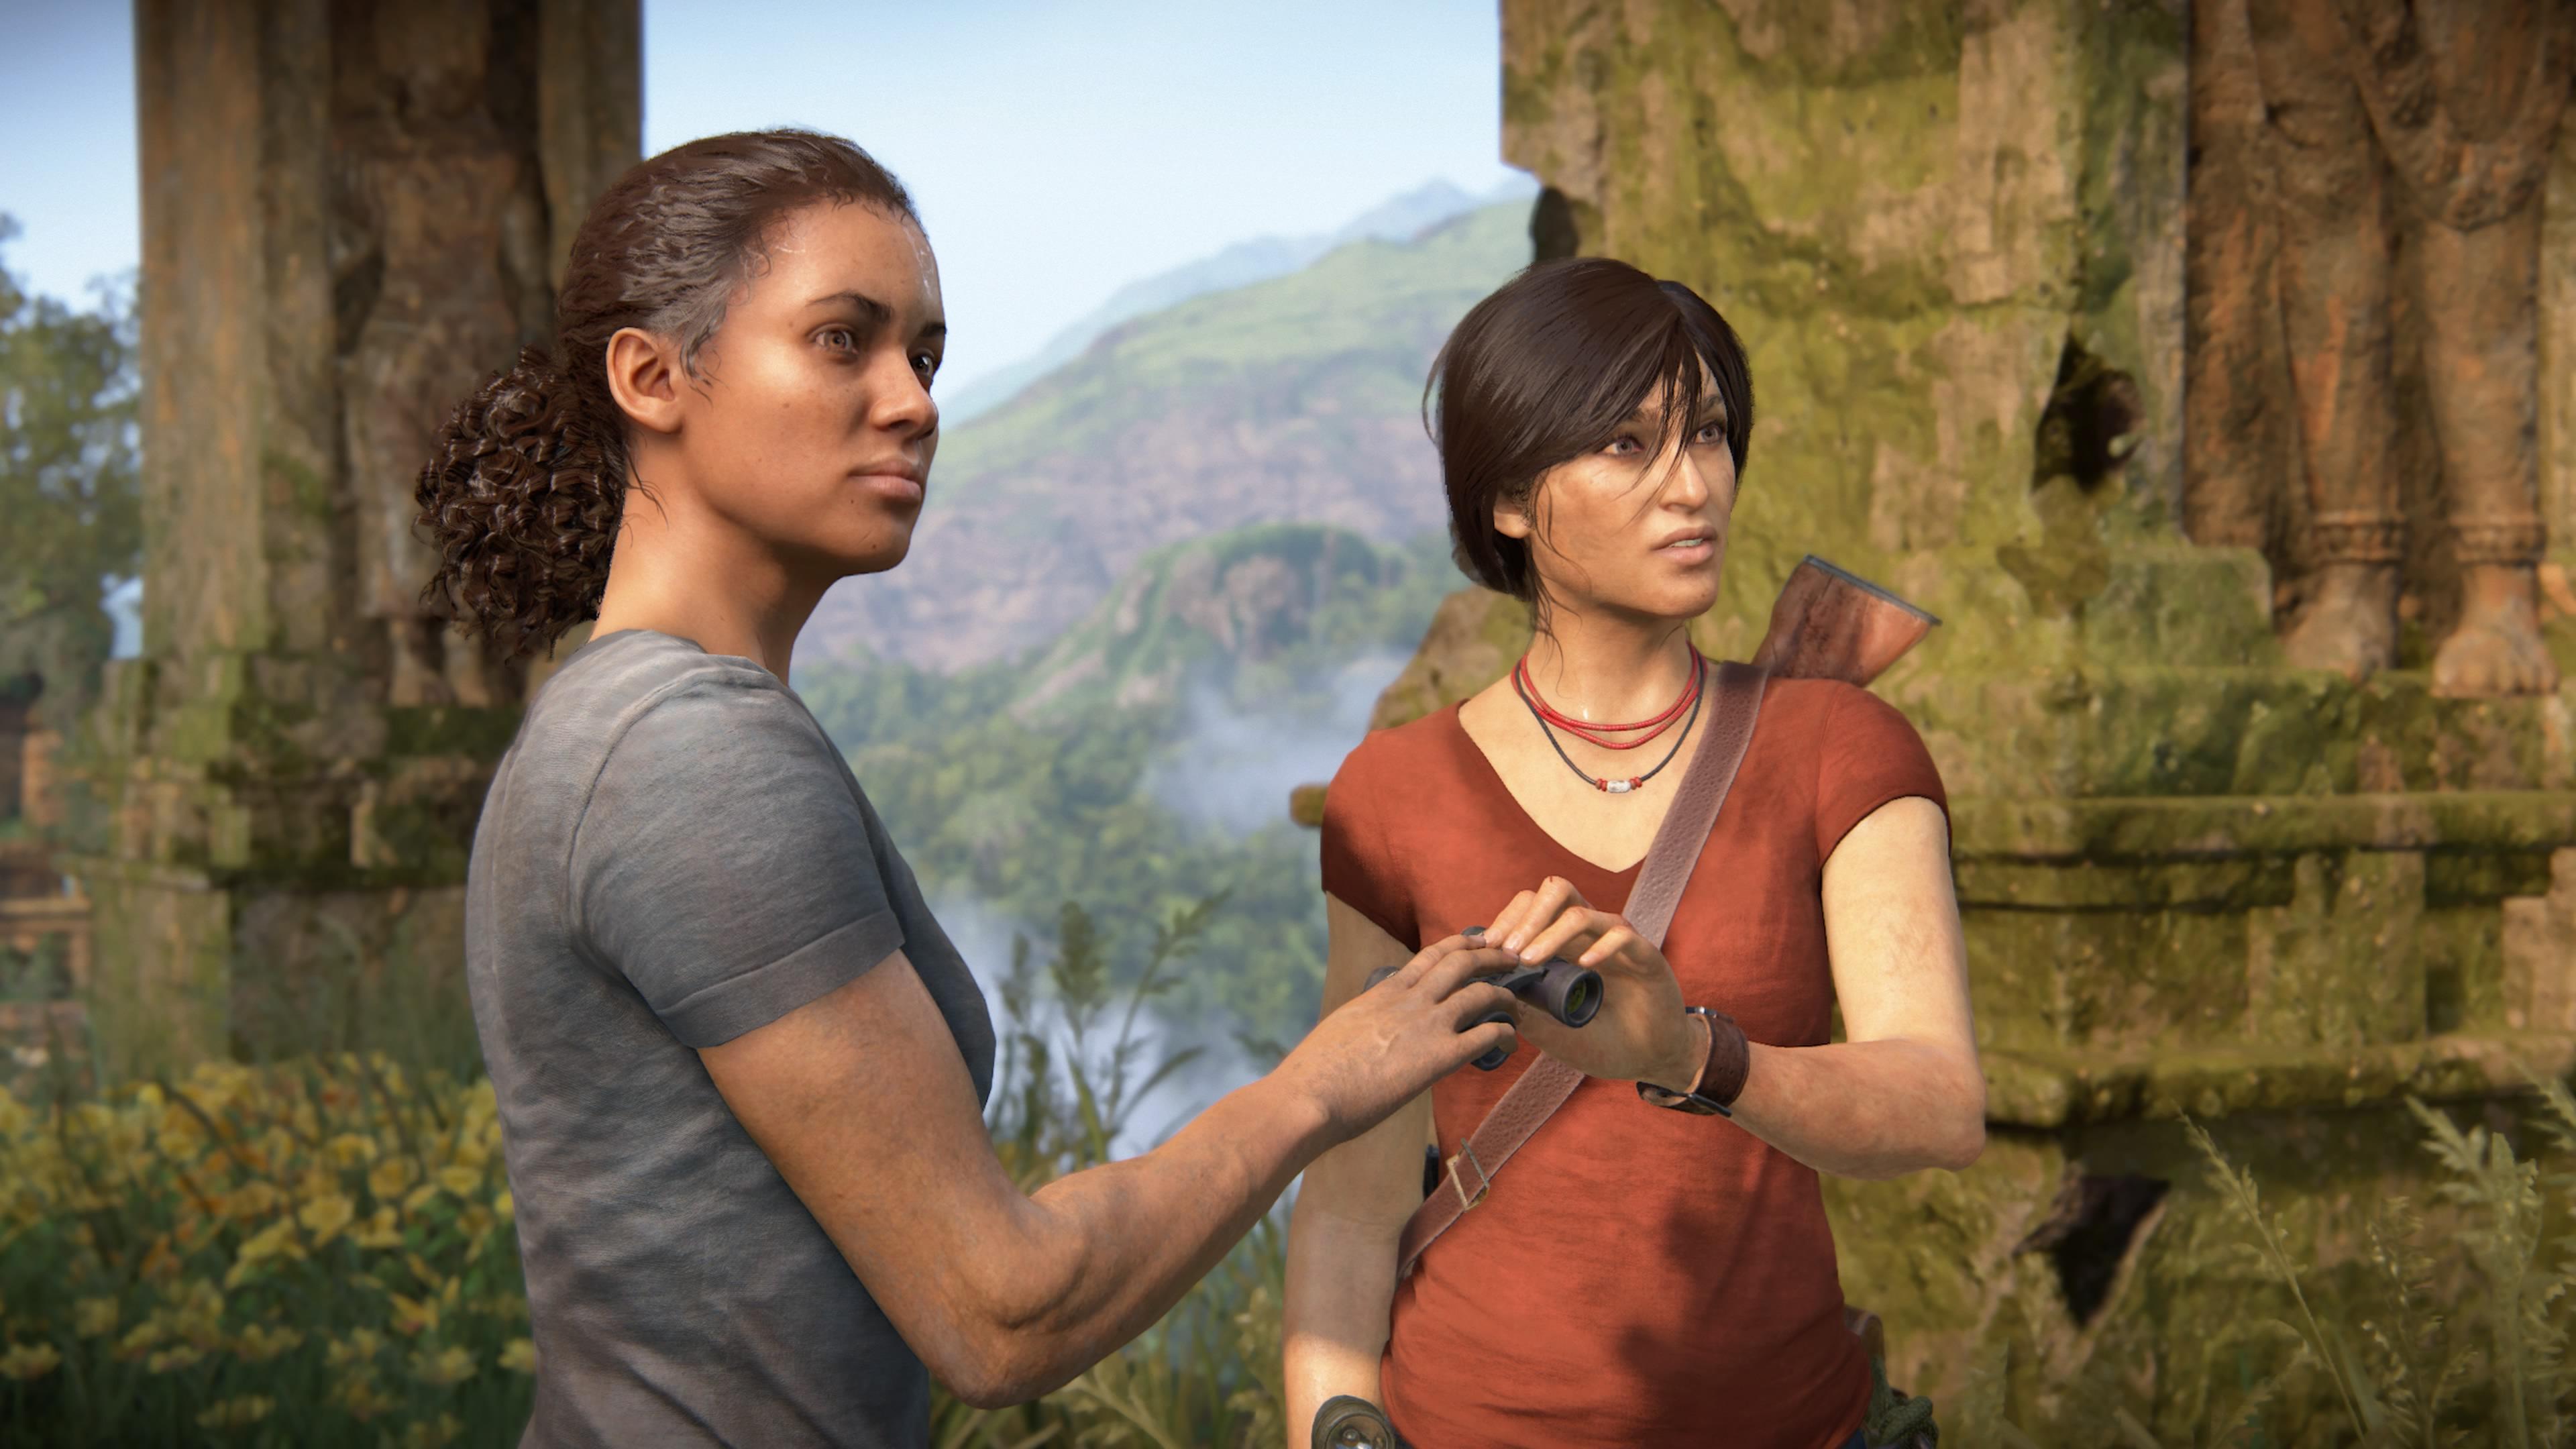 Die Heldinnen von Uncharted: The Lost Legacy arbeiten wider Willen zusammen und nähern sich erst im Spielverlauf an.